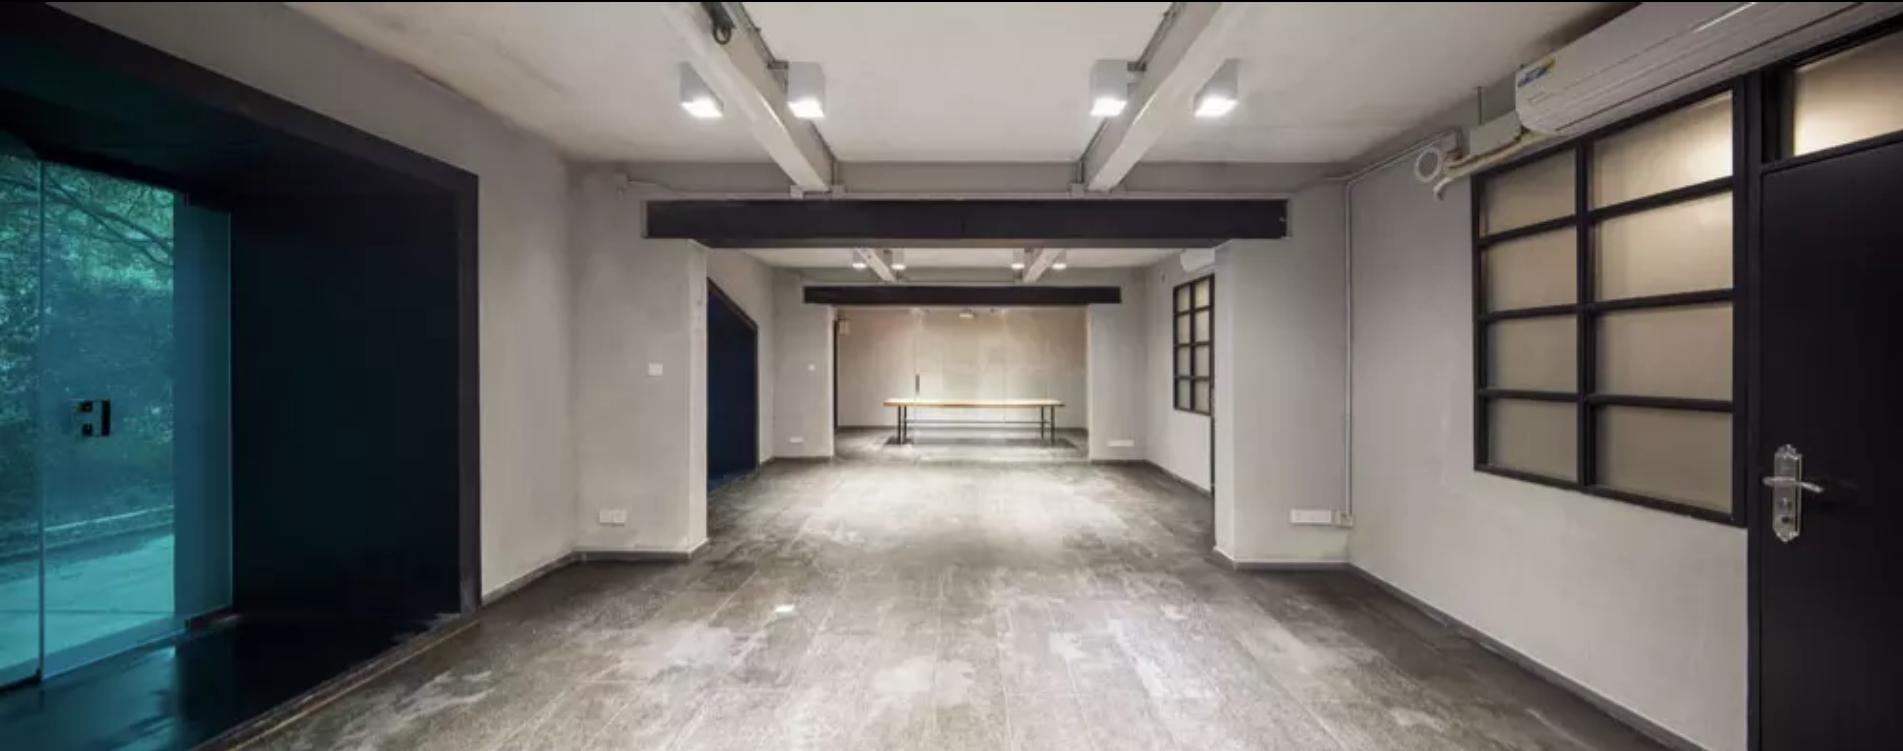 La nueva vida de los pecios industriales rescatados por O-office Architects